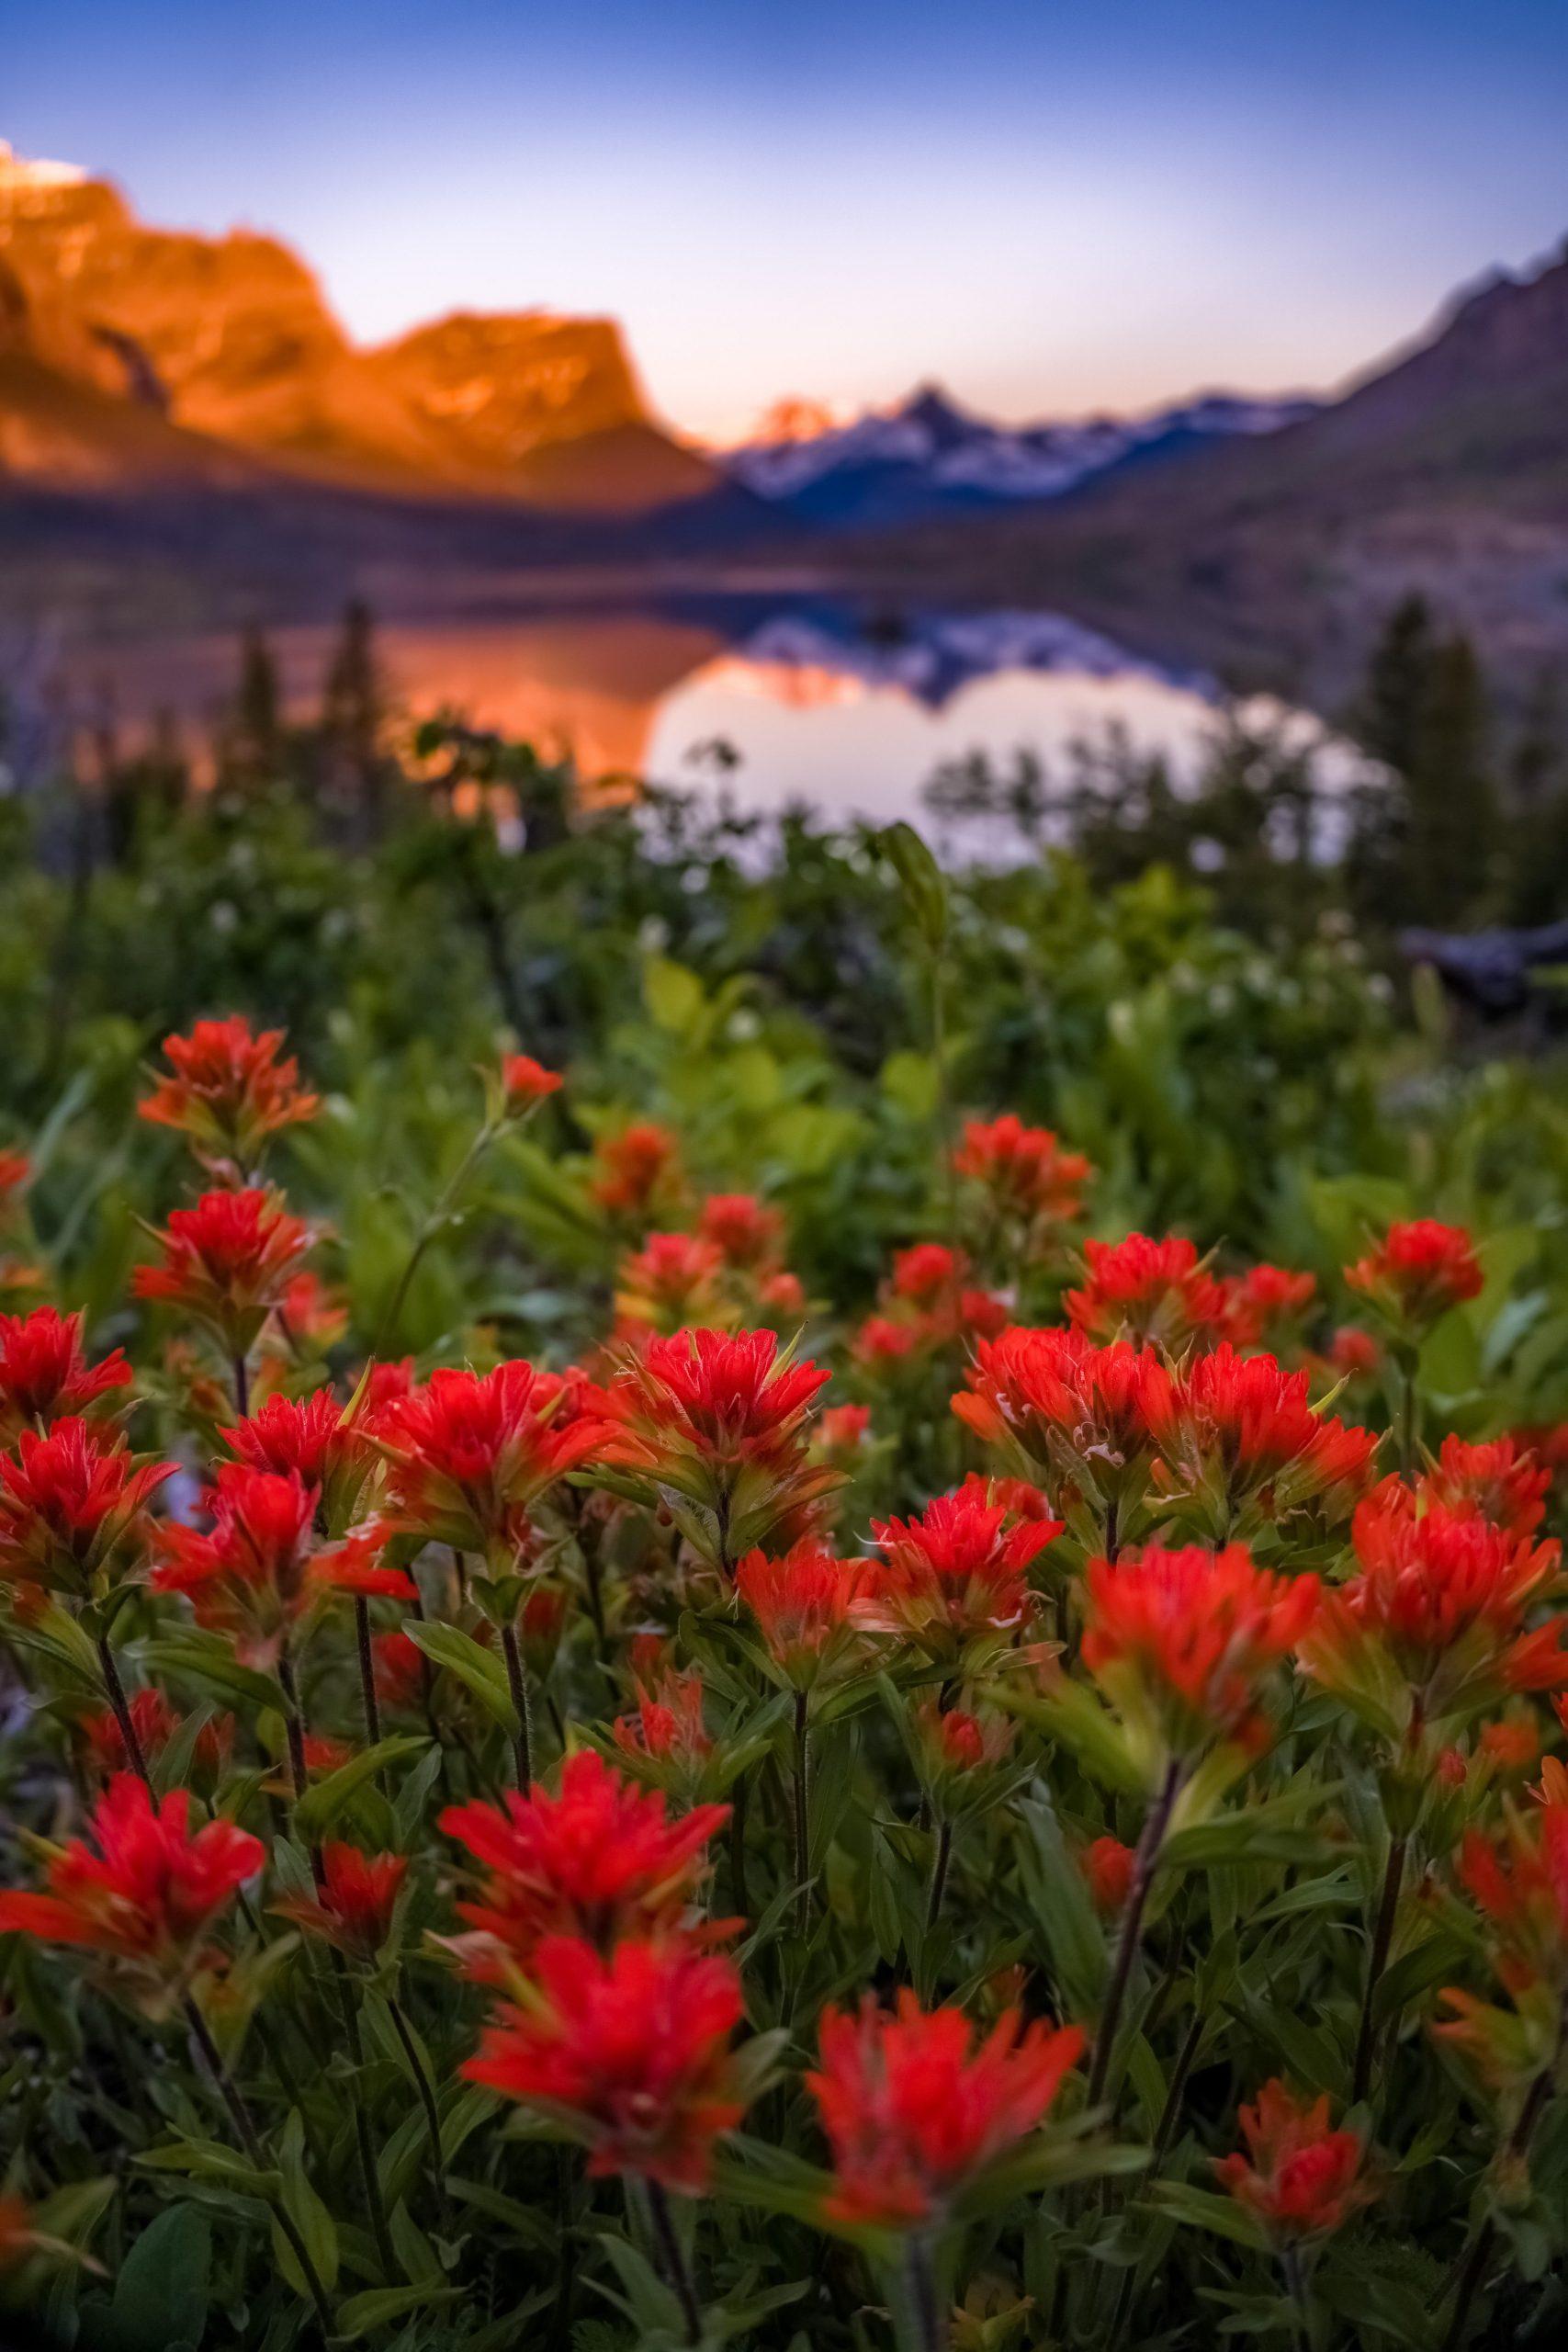 Bright orange Indian Paintbrush flowers illuminate in the foreground of a mountainous alpine lake during sunrise, photo credit: Joshua Lewis